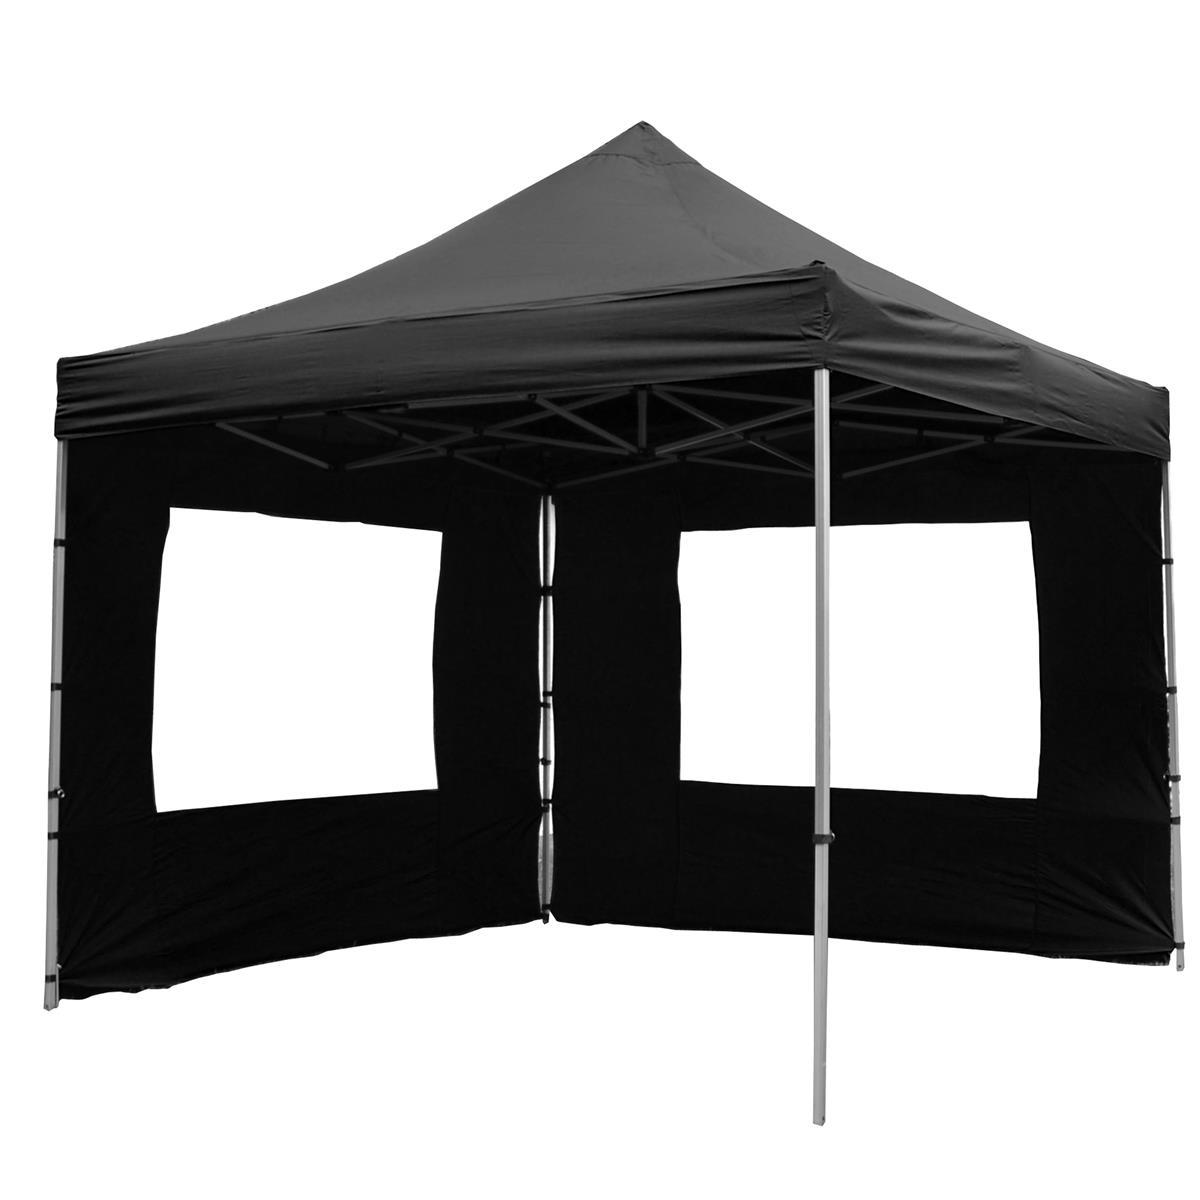 PROFI Faltpavillon Partyzelt 3x3 m schwarz mit 2 Seitenteilen wasserdichtes Dach